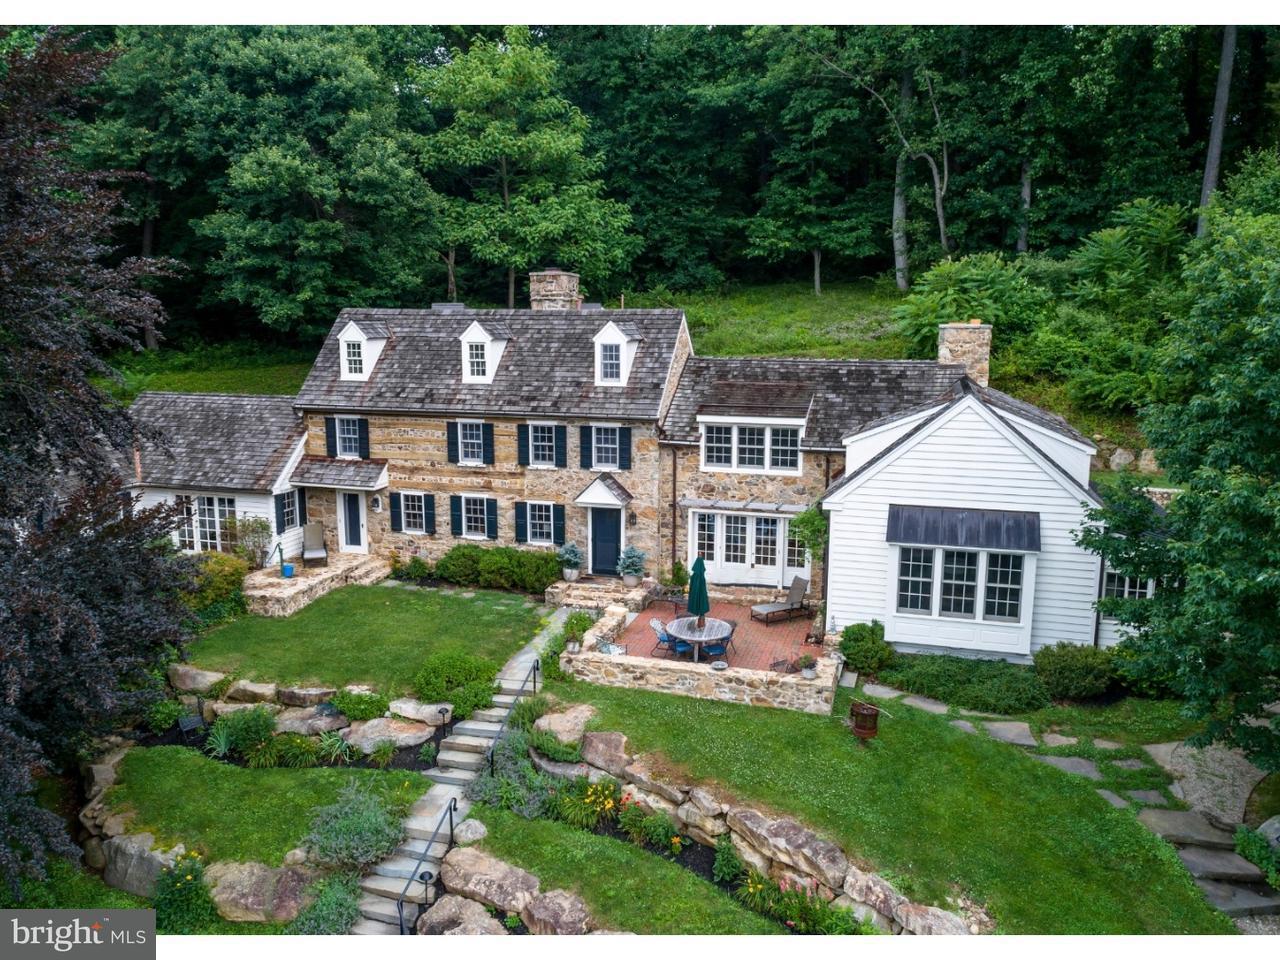 独户住宅 为 销售 在 63 WALNUT BANK Road Glenmoore, 宾夕法尼亚州 19343 美国